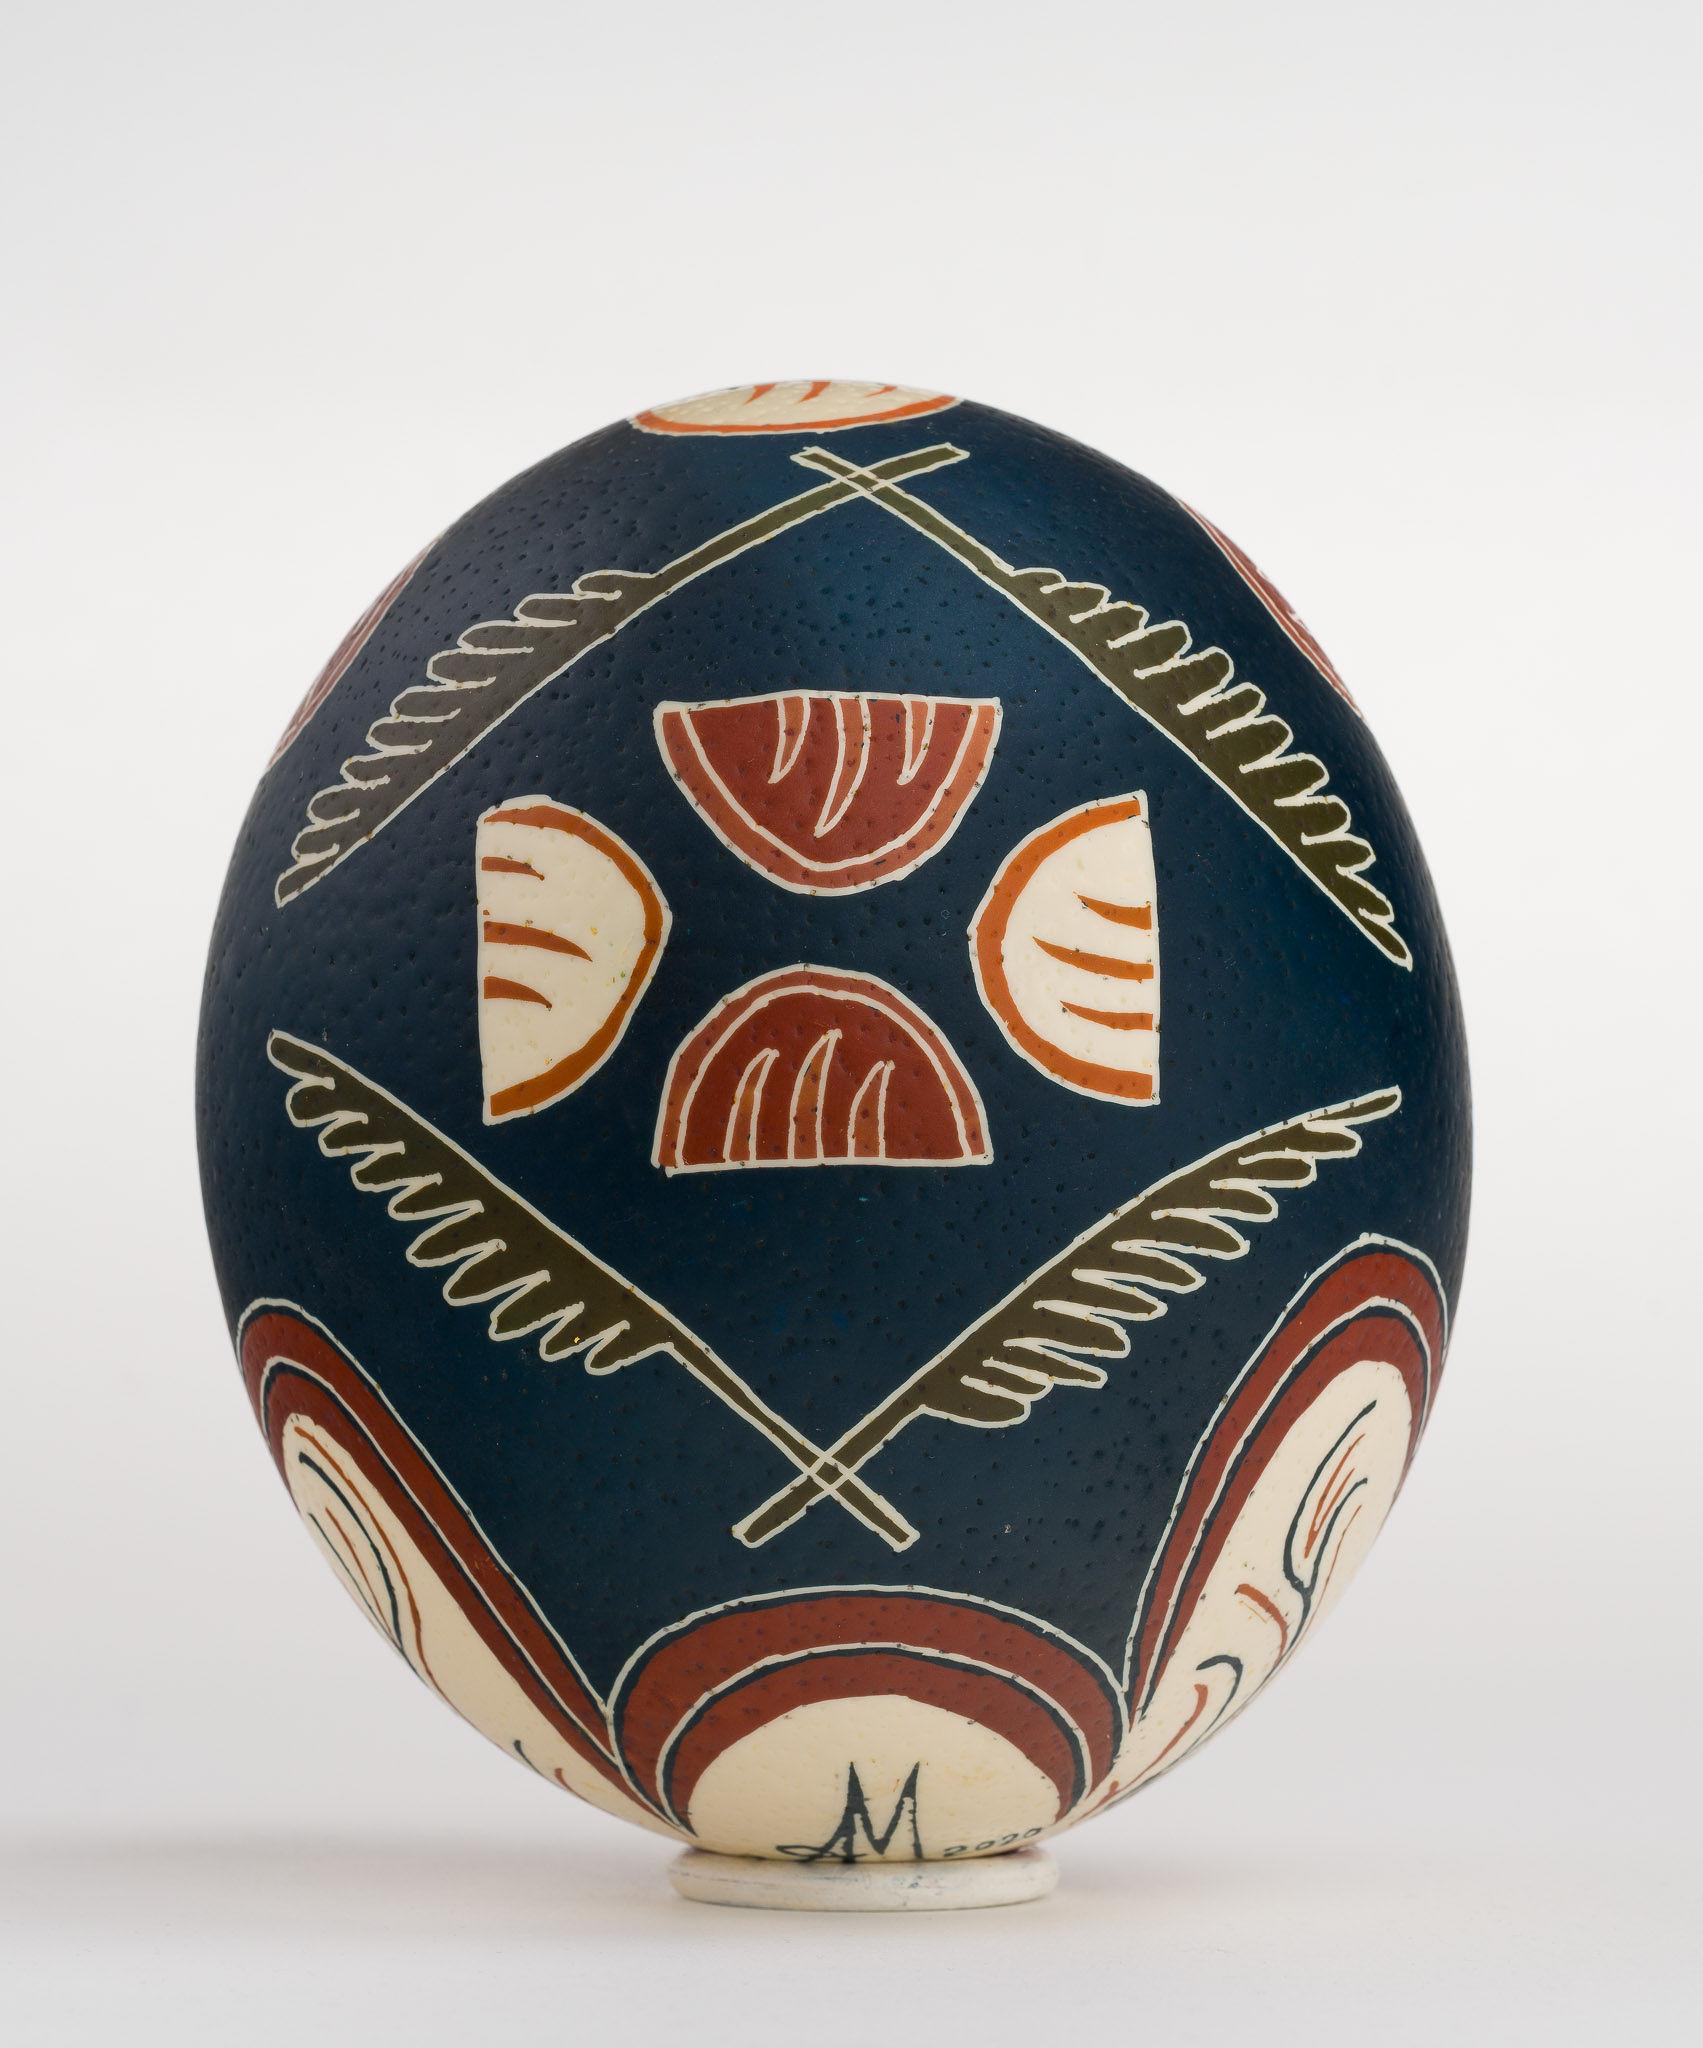 Icoană încondeiată pe ou de struț - Sfânta Cuvioasă Paraschiva - maryando-124b.jpg